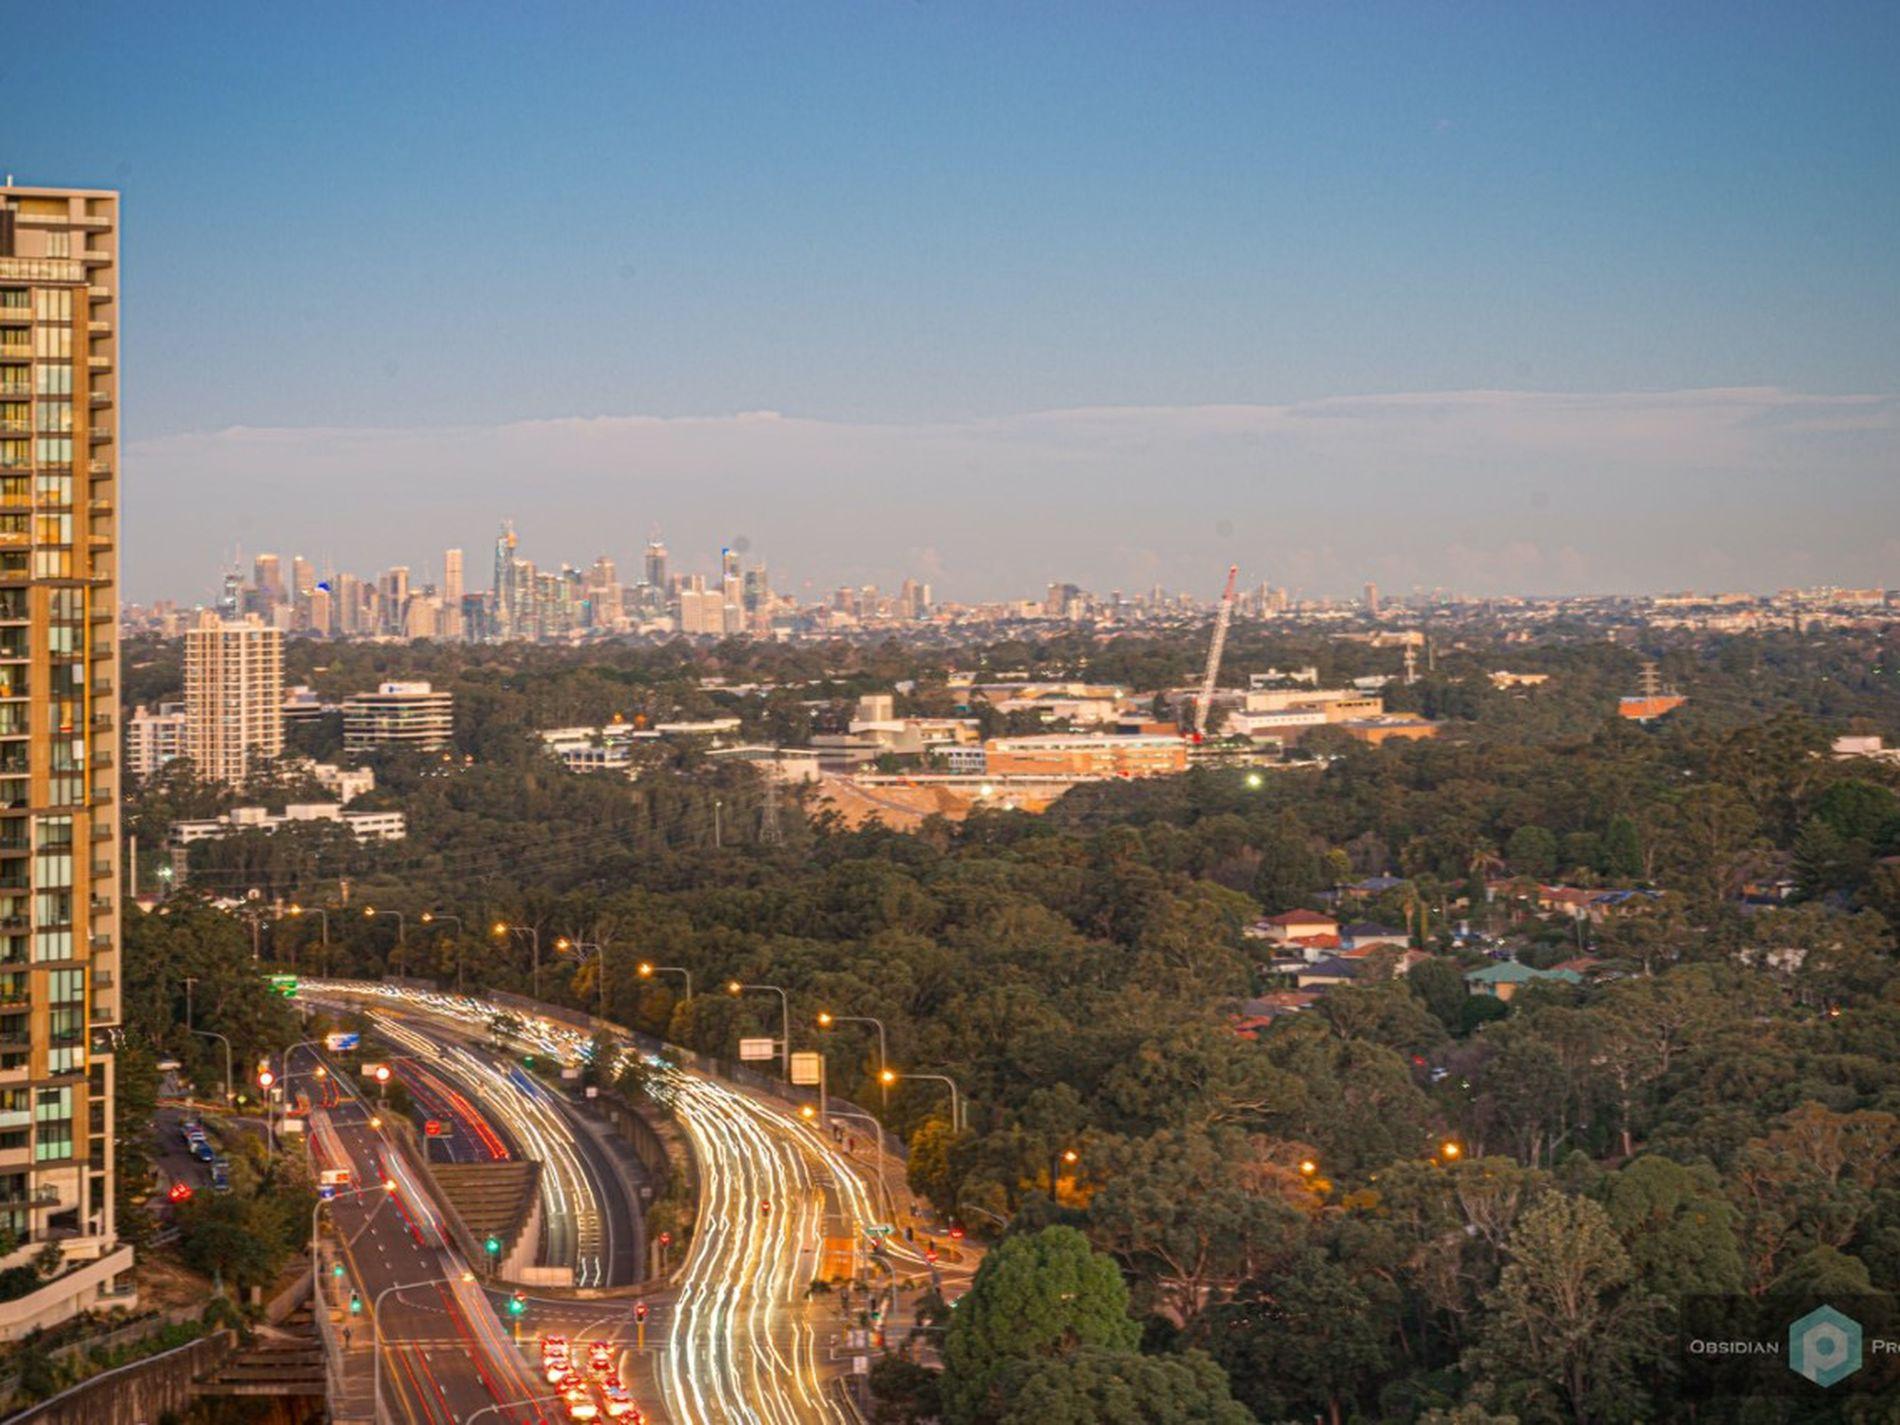 NBH Macquarie Park